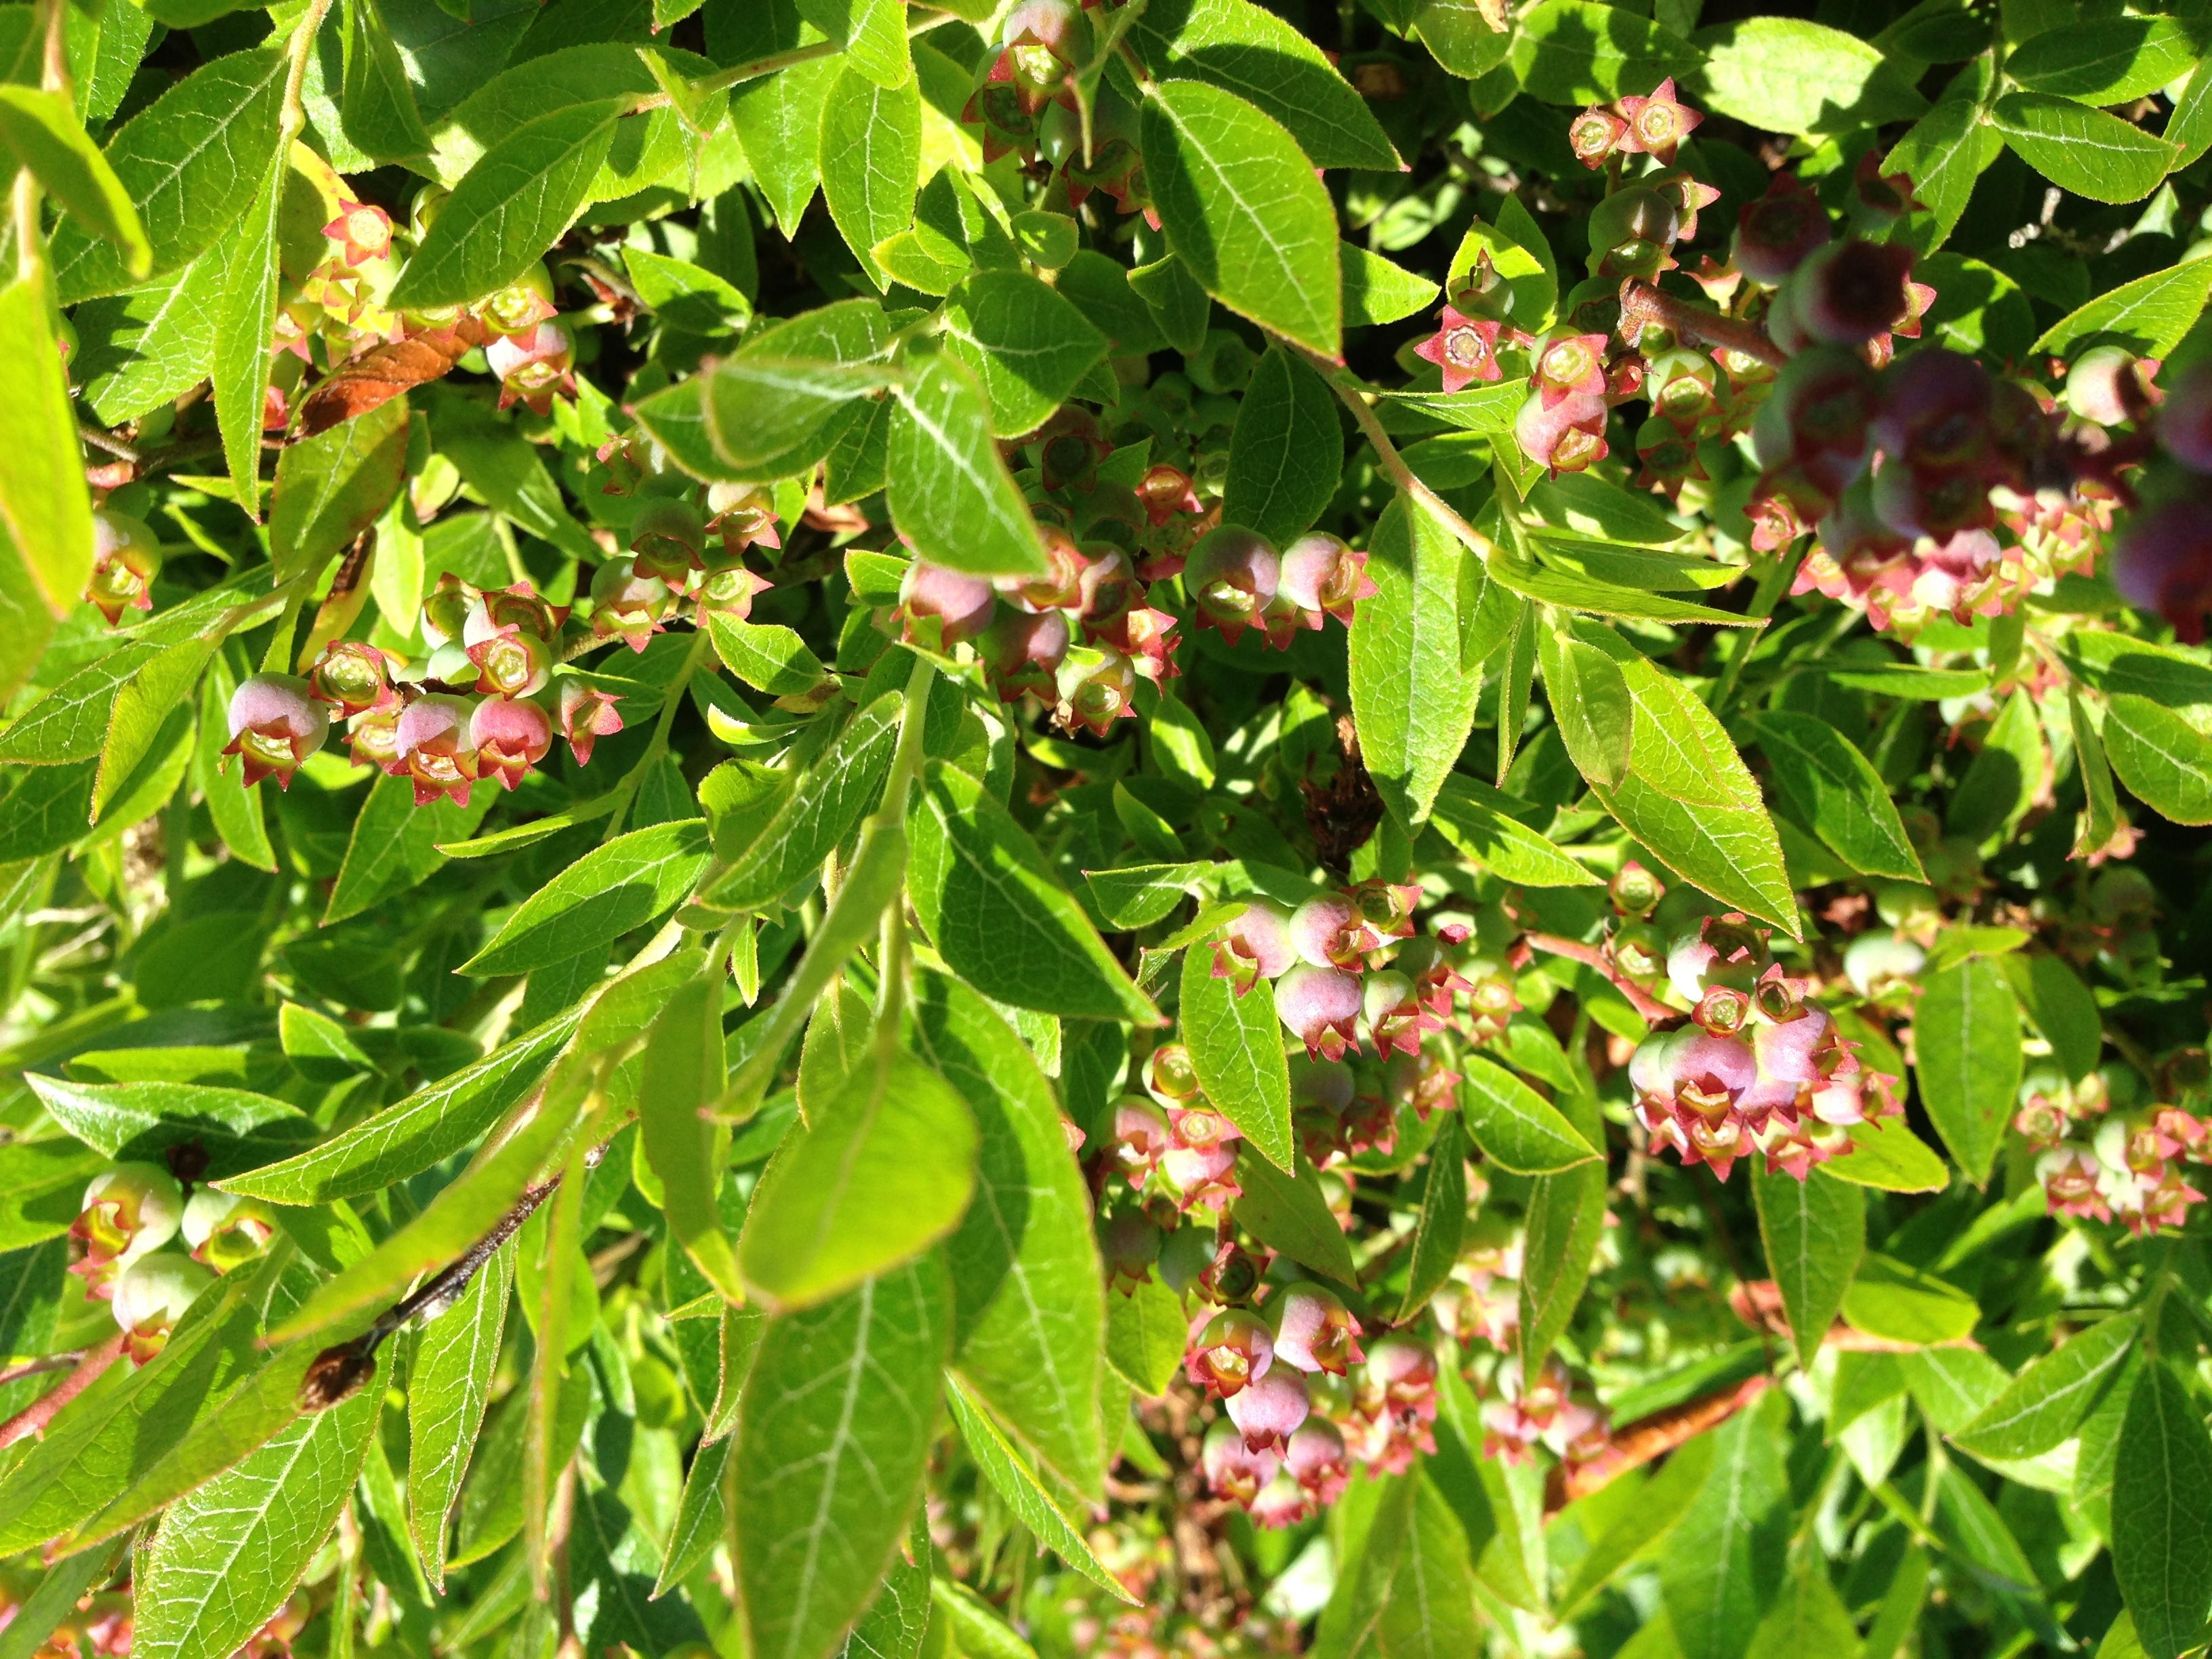 Berries forming